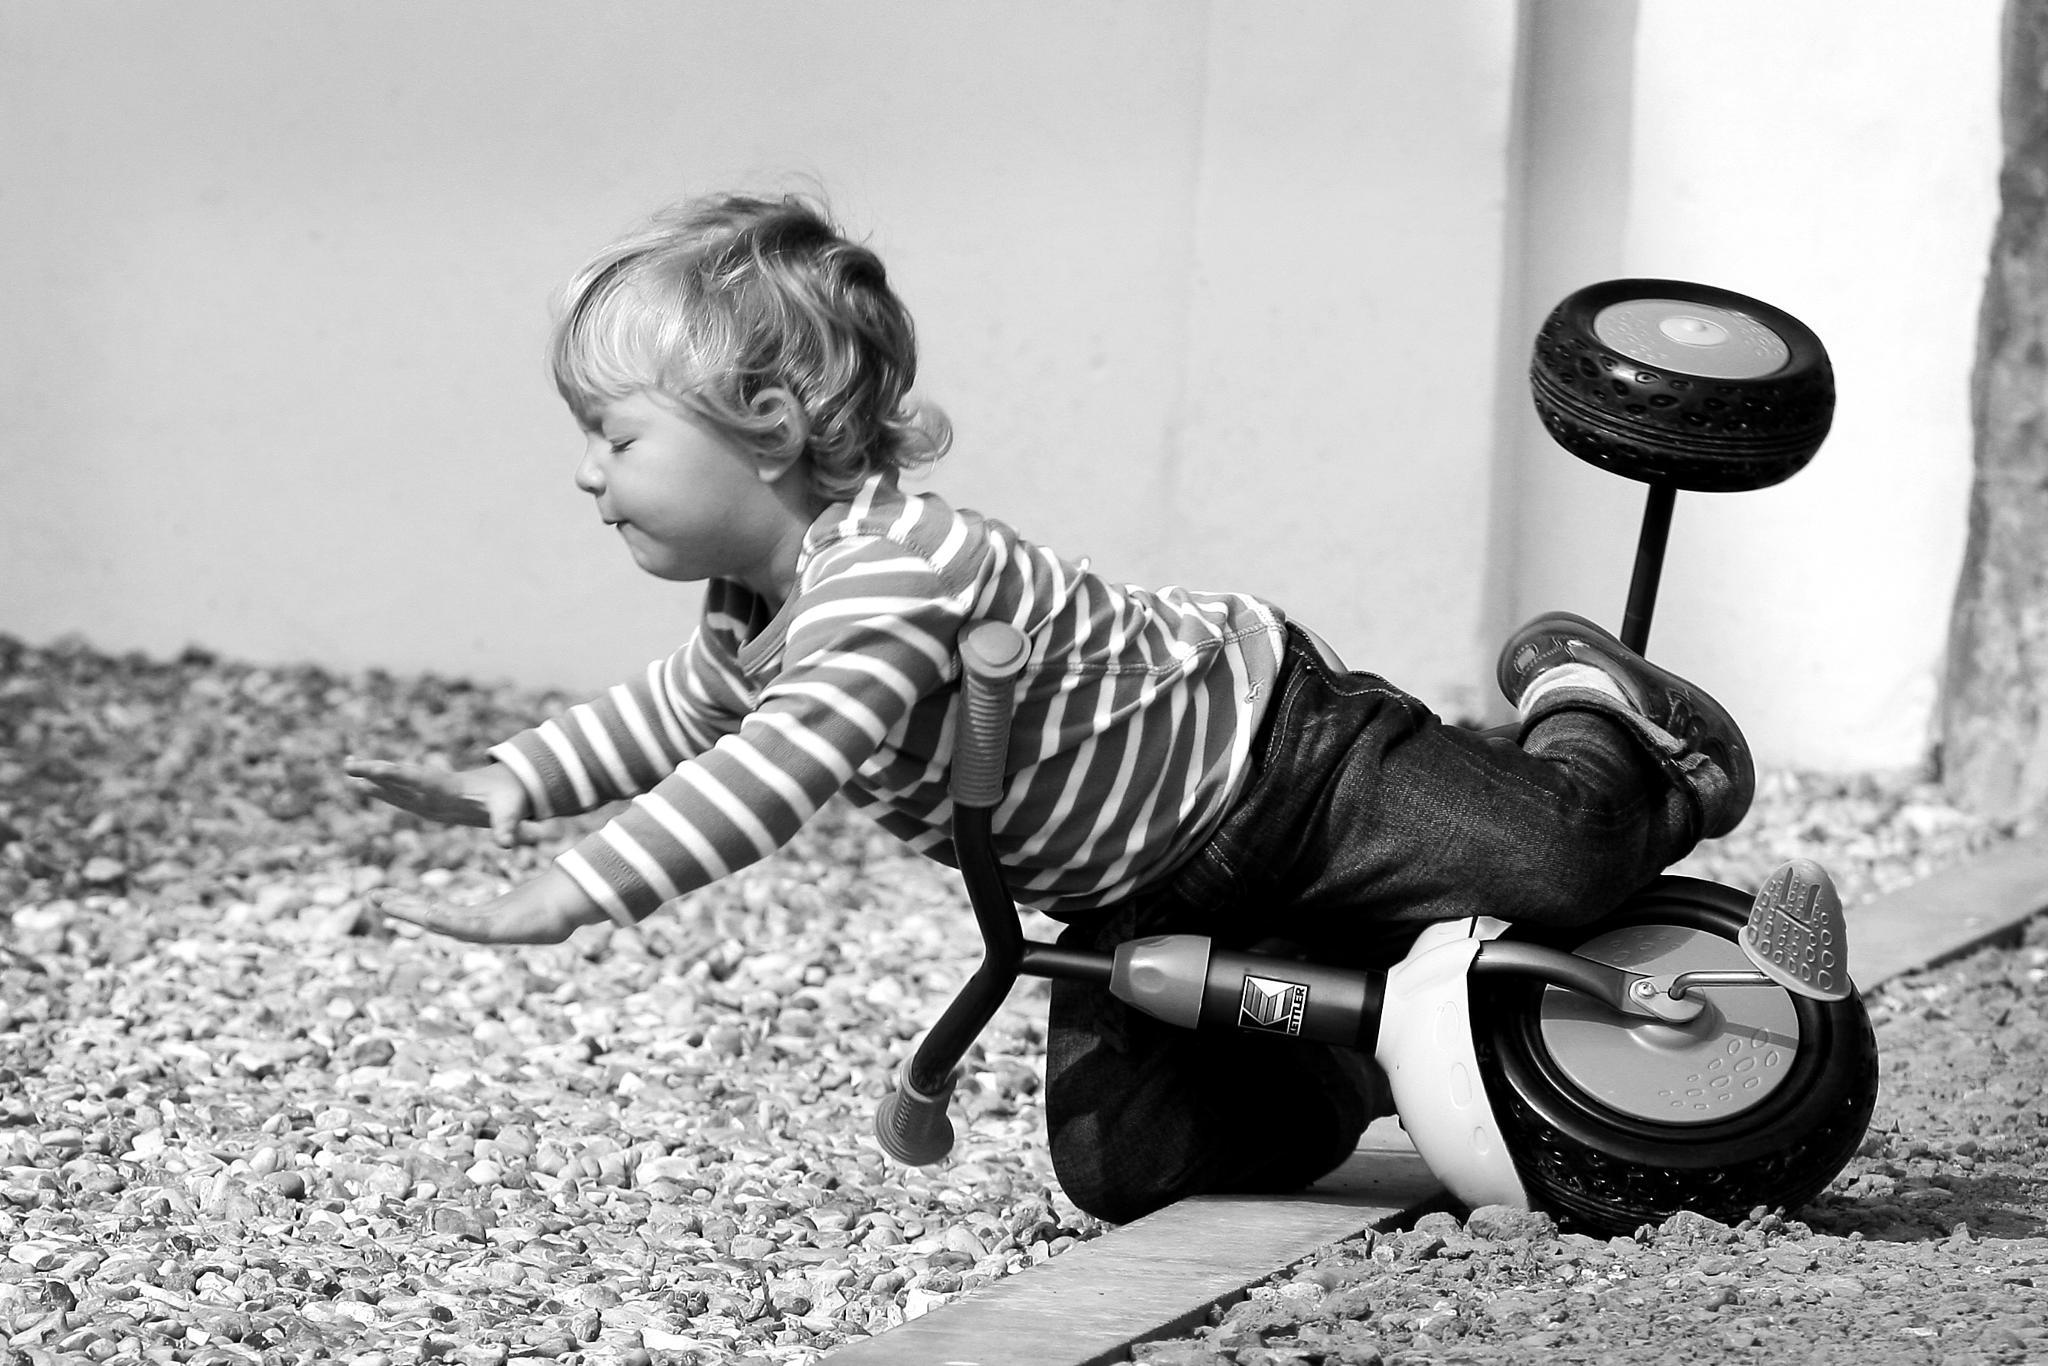 Childs Tricycle Crash by jasonhedgesphotos